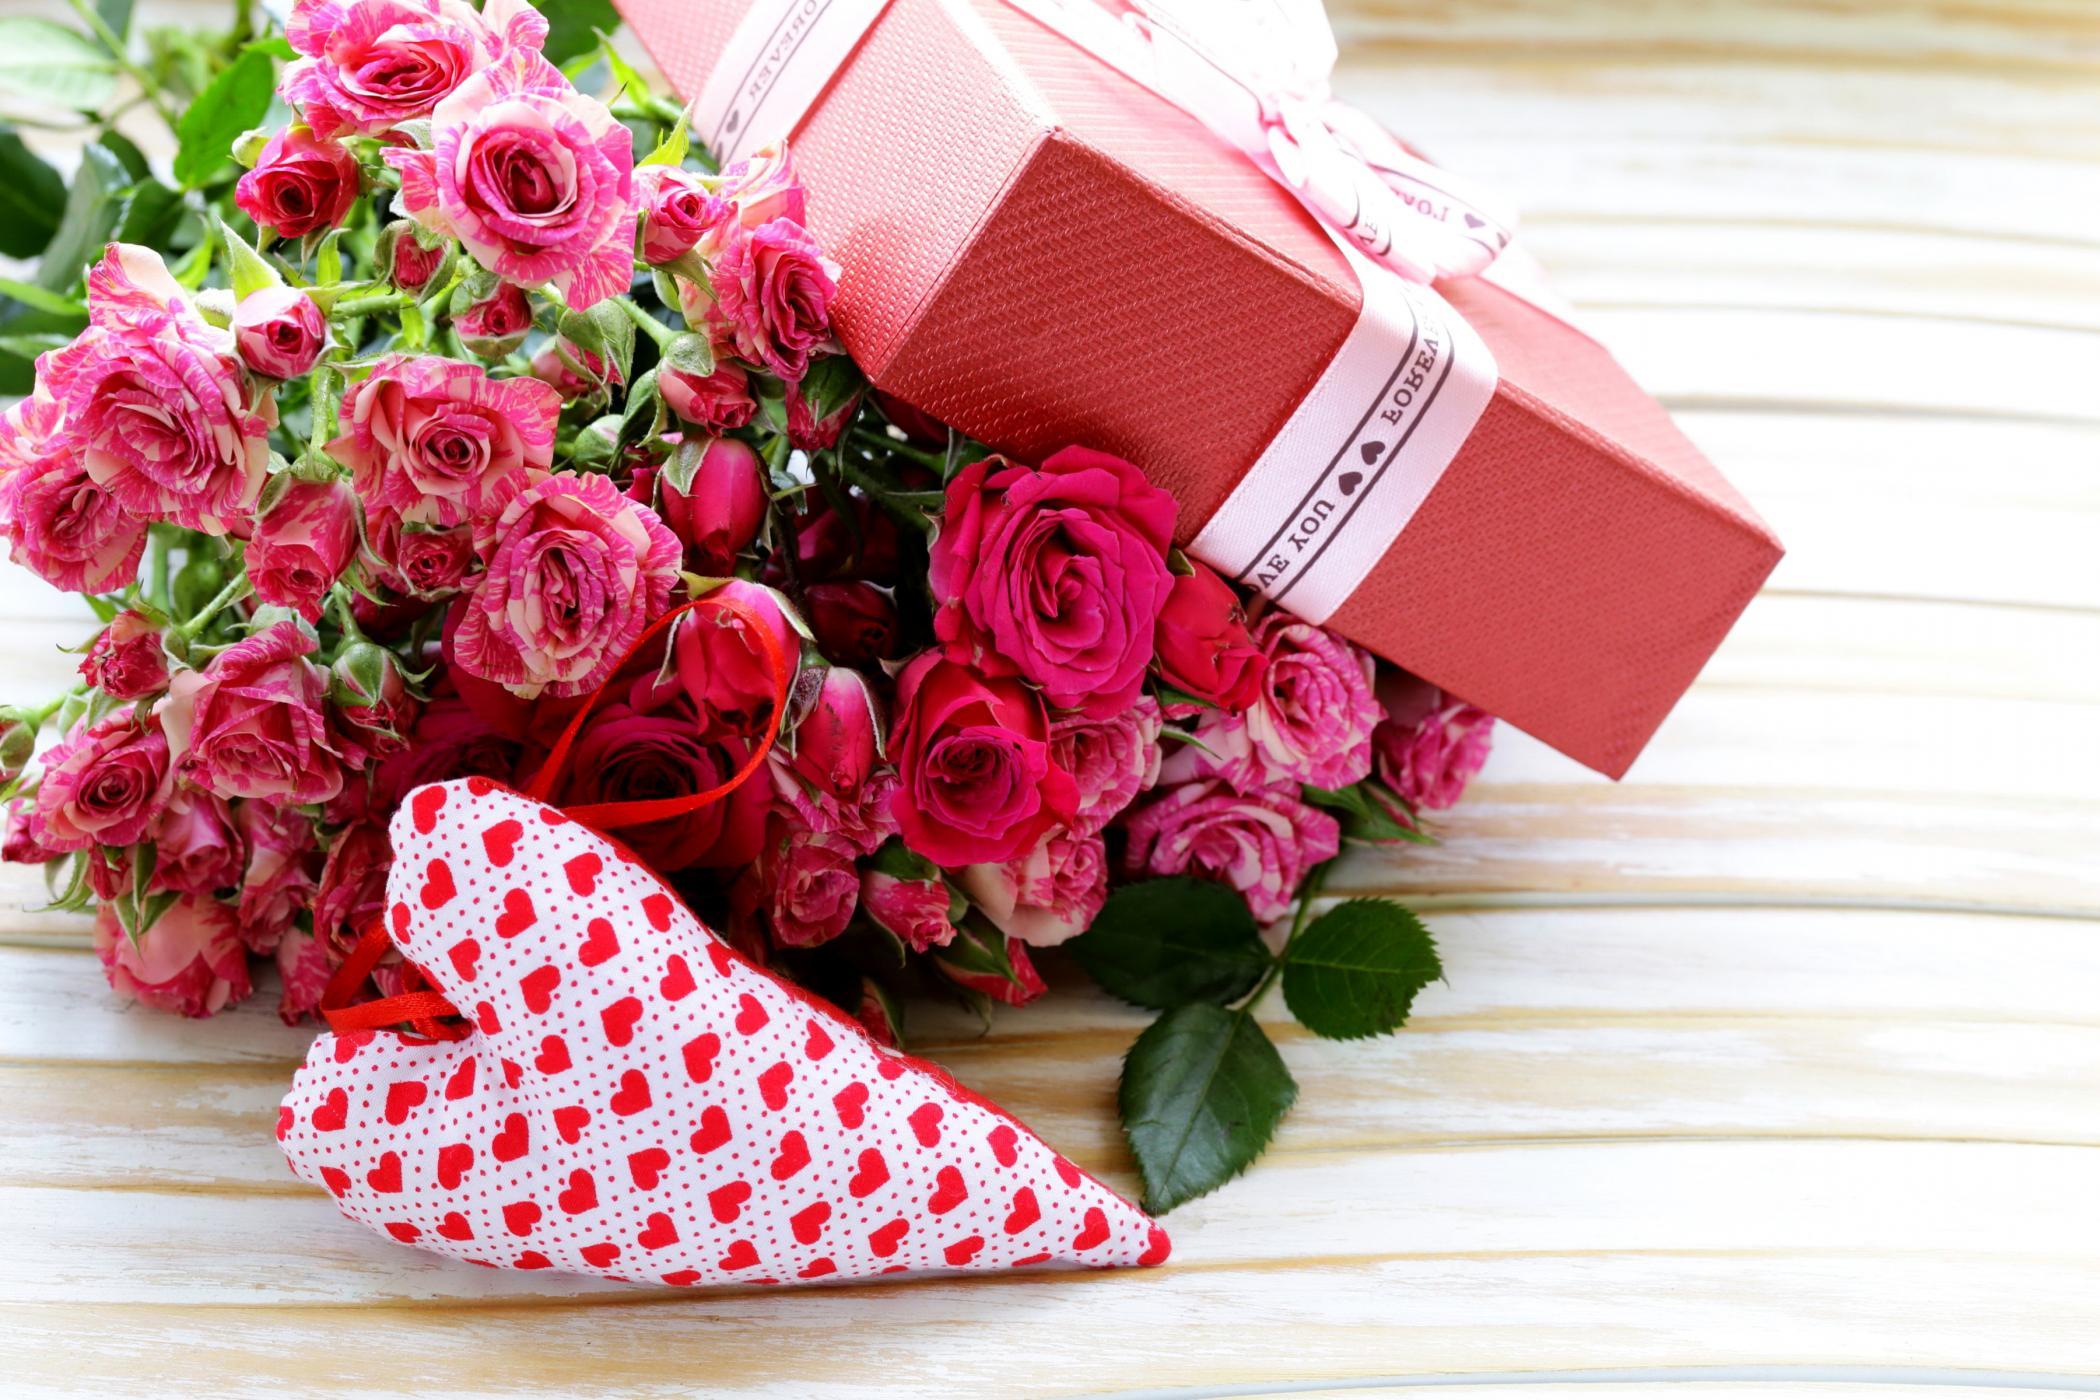 Фото цветы в подарок девушке